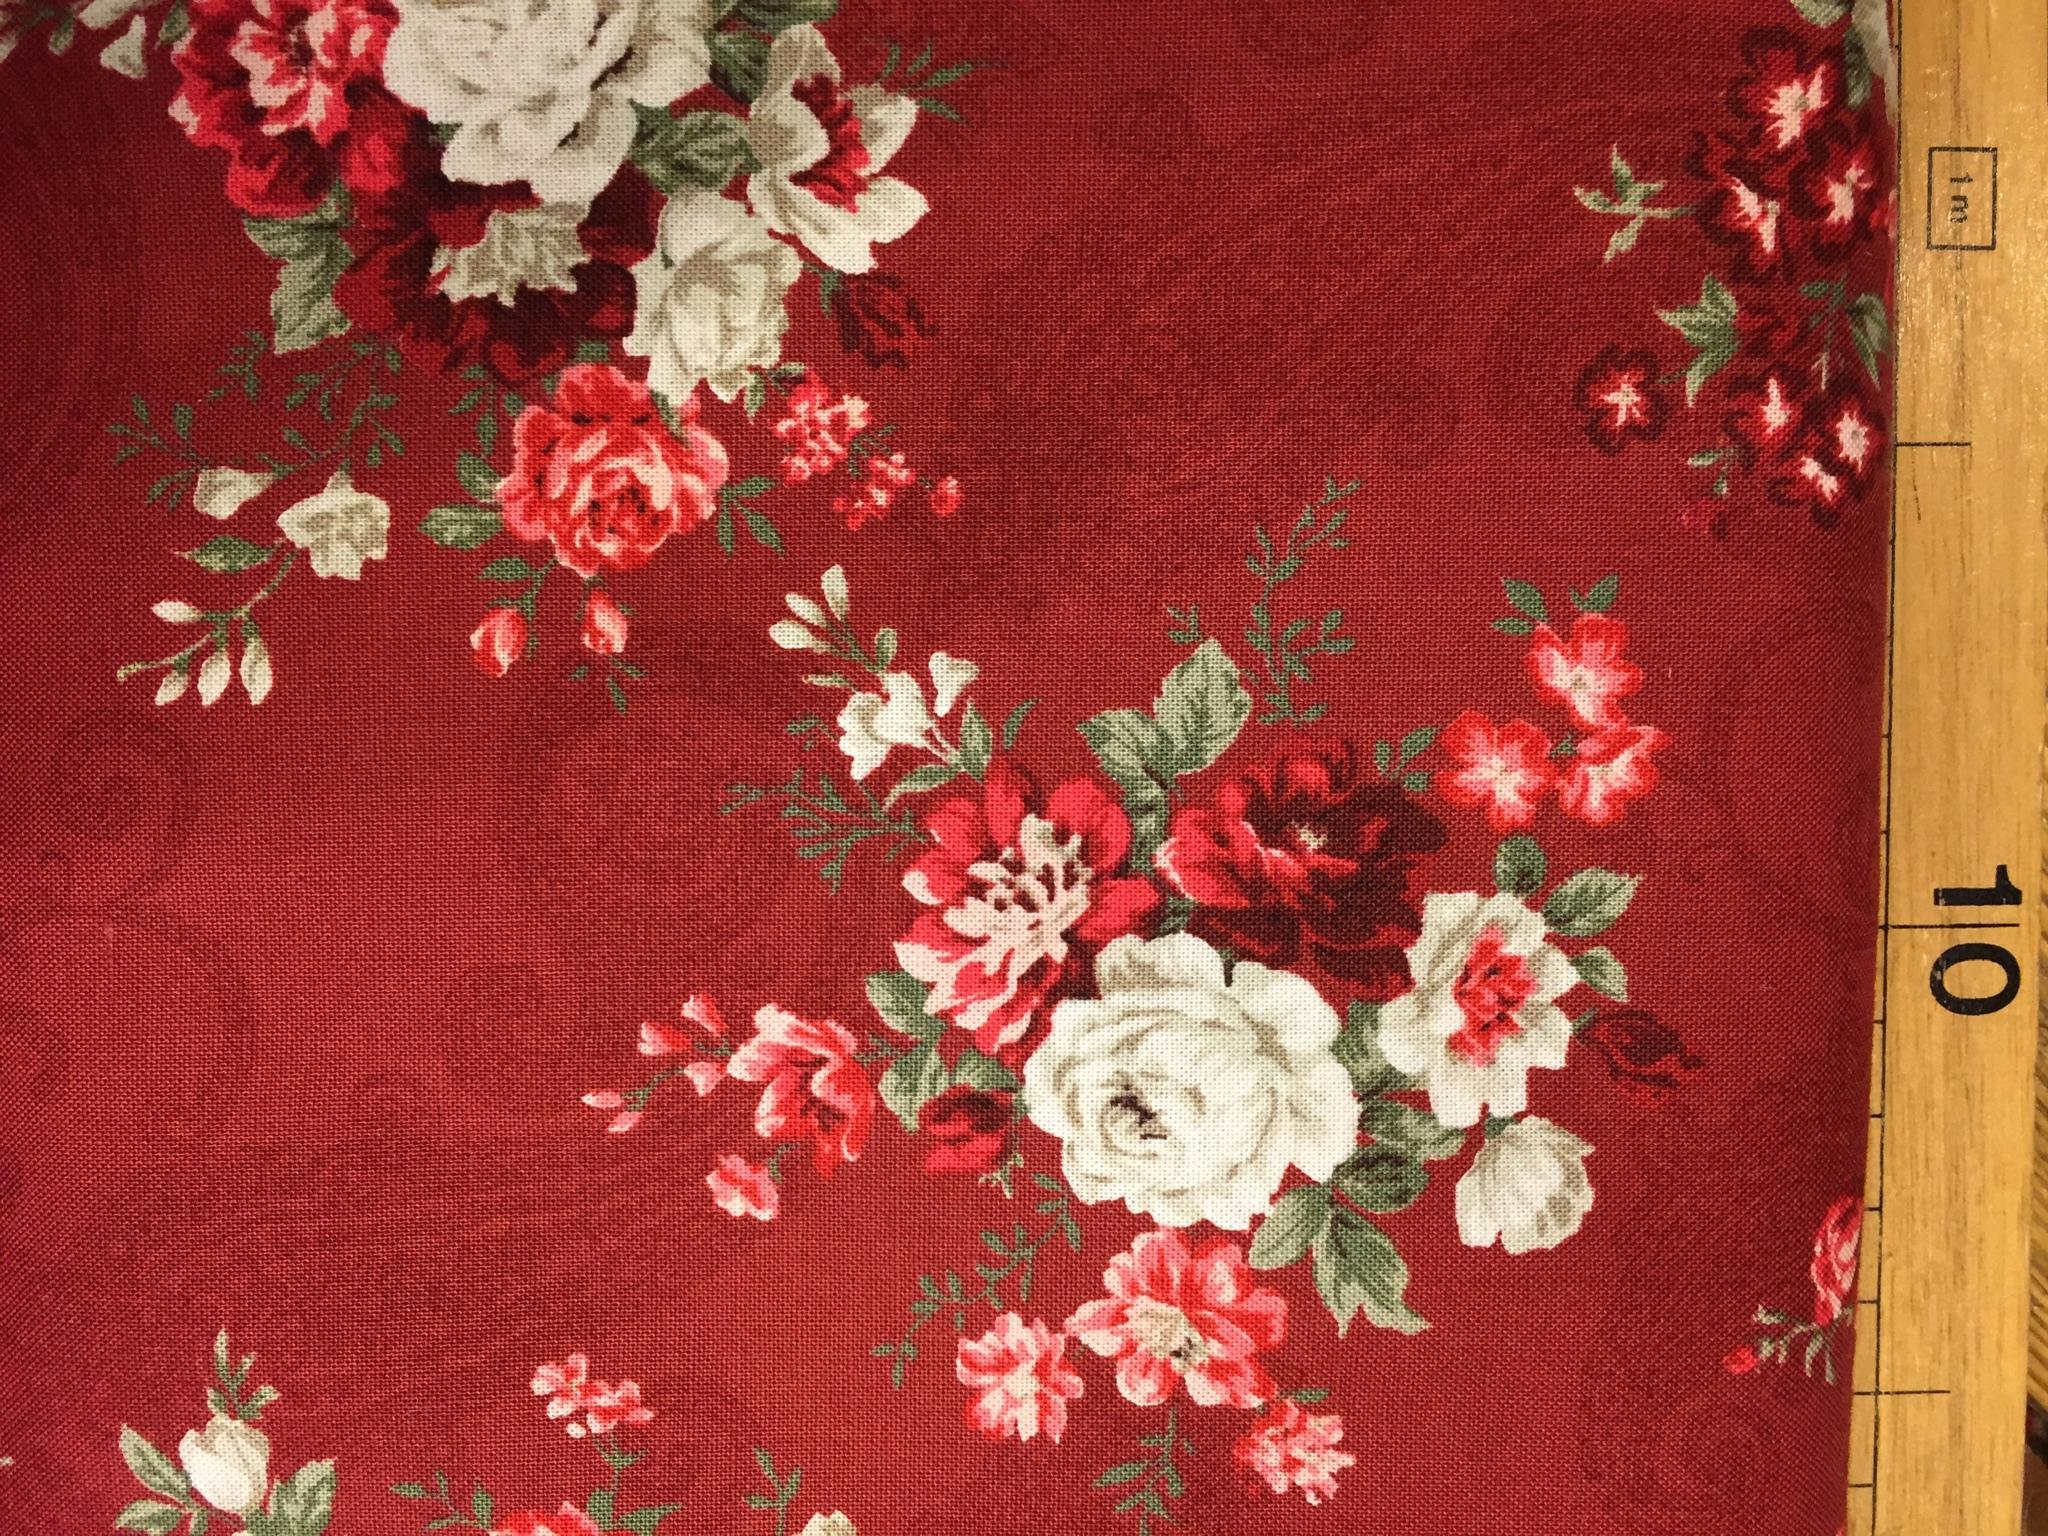 Tessuto americano fondo rosso b.rose grandi